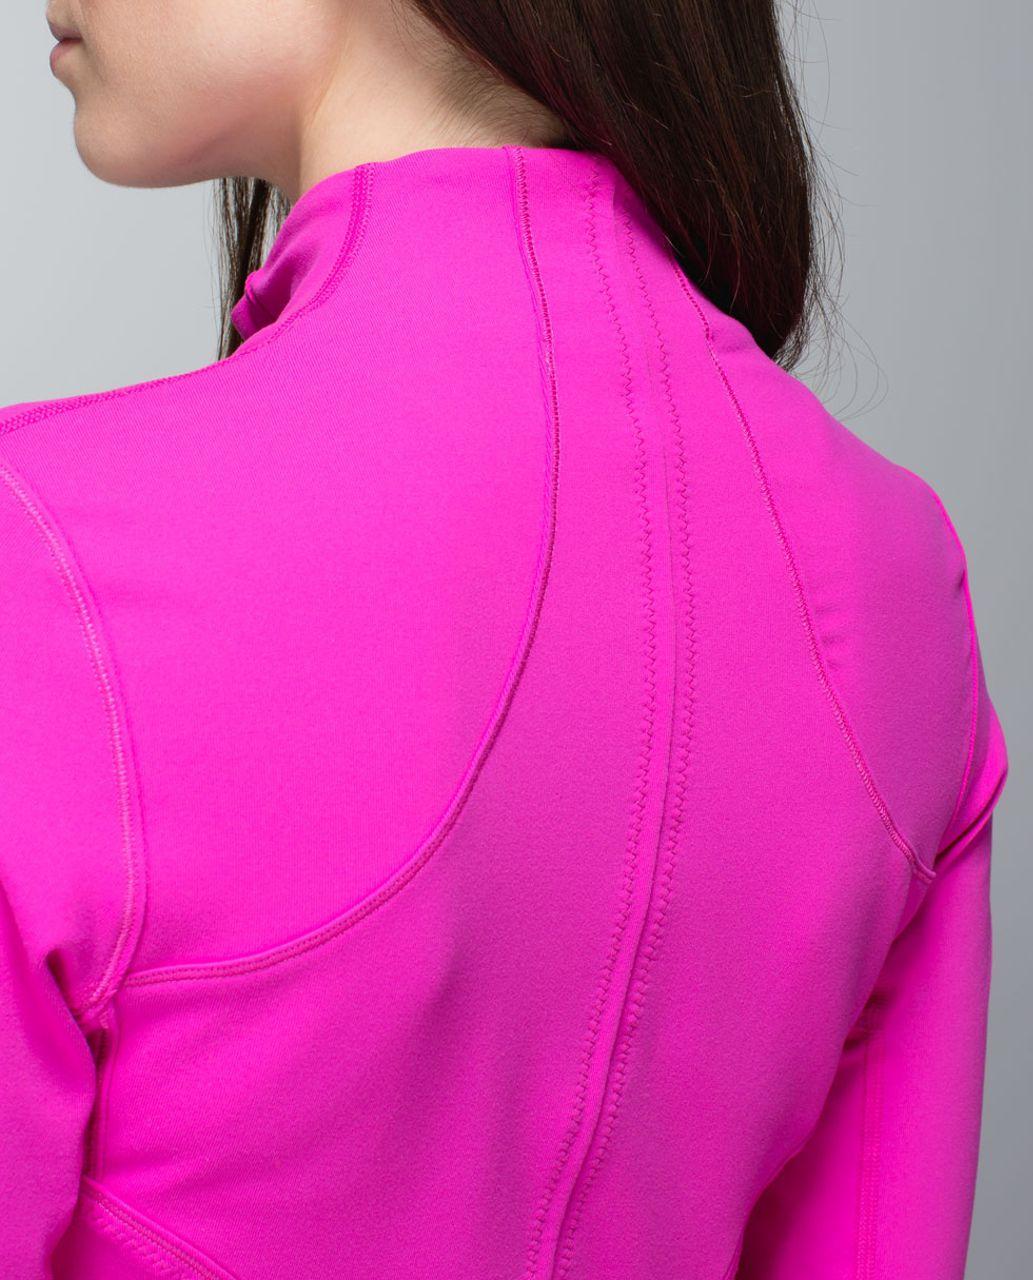 Lululemon Forme Jacket *Cuffins - Paris Perfection